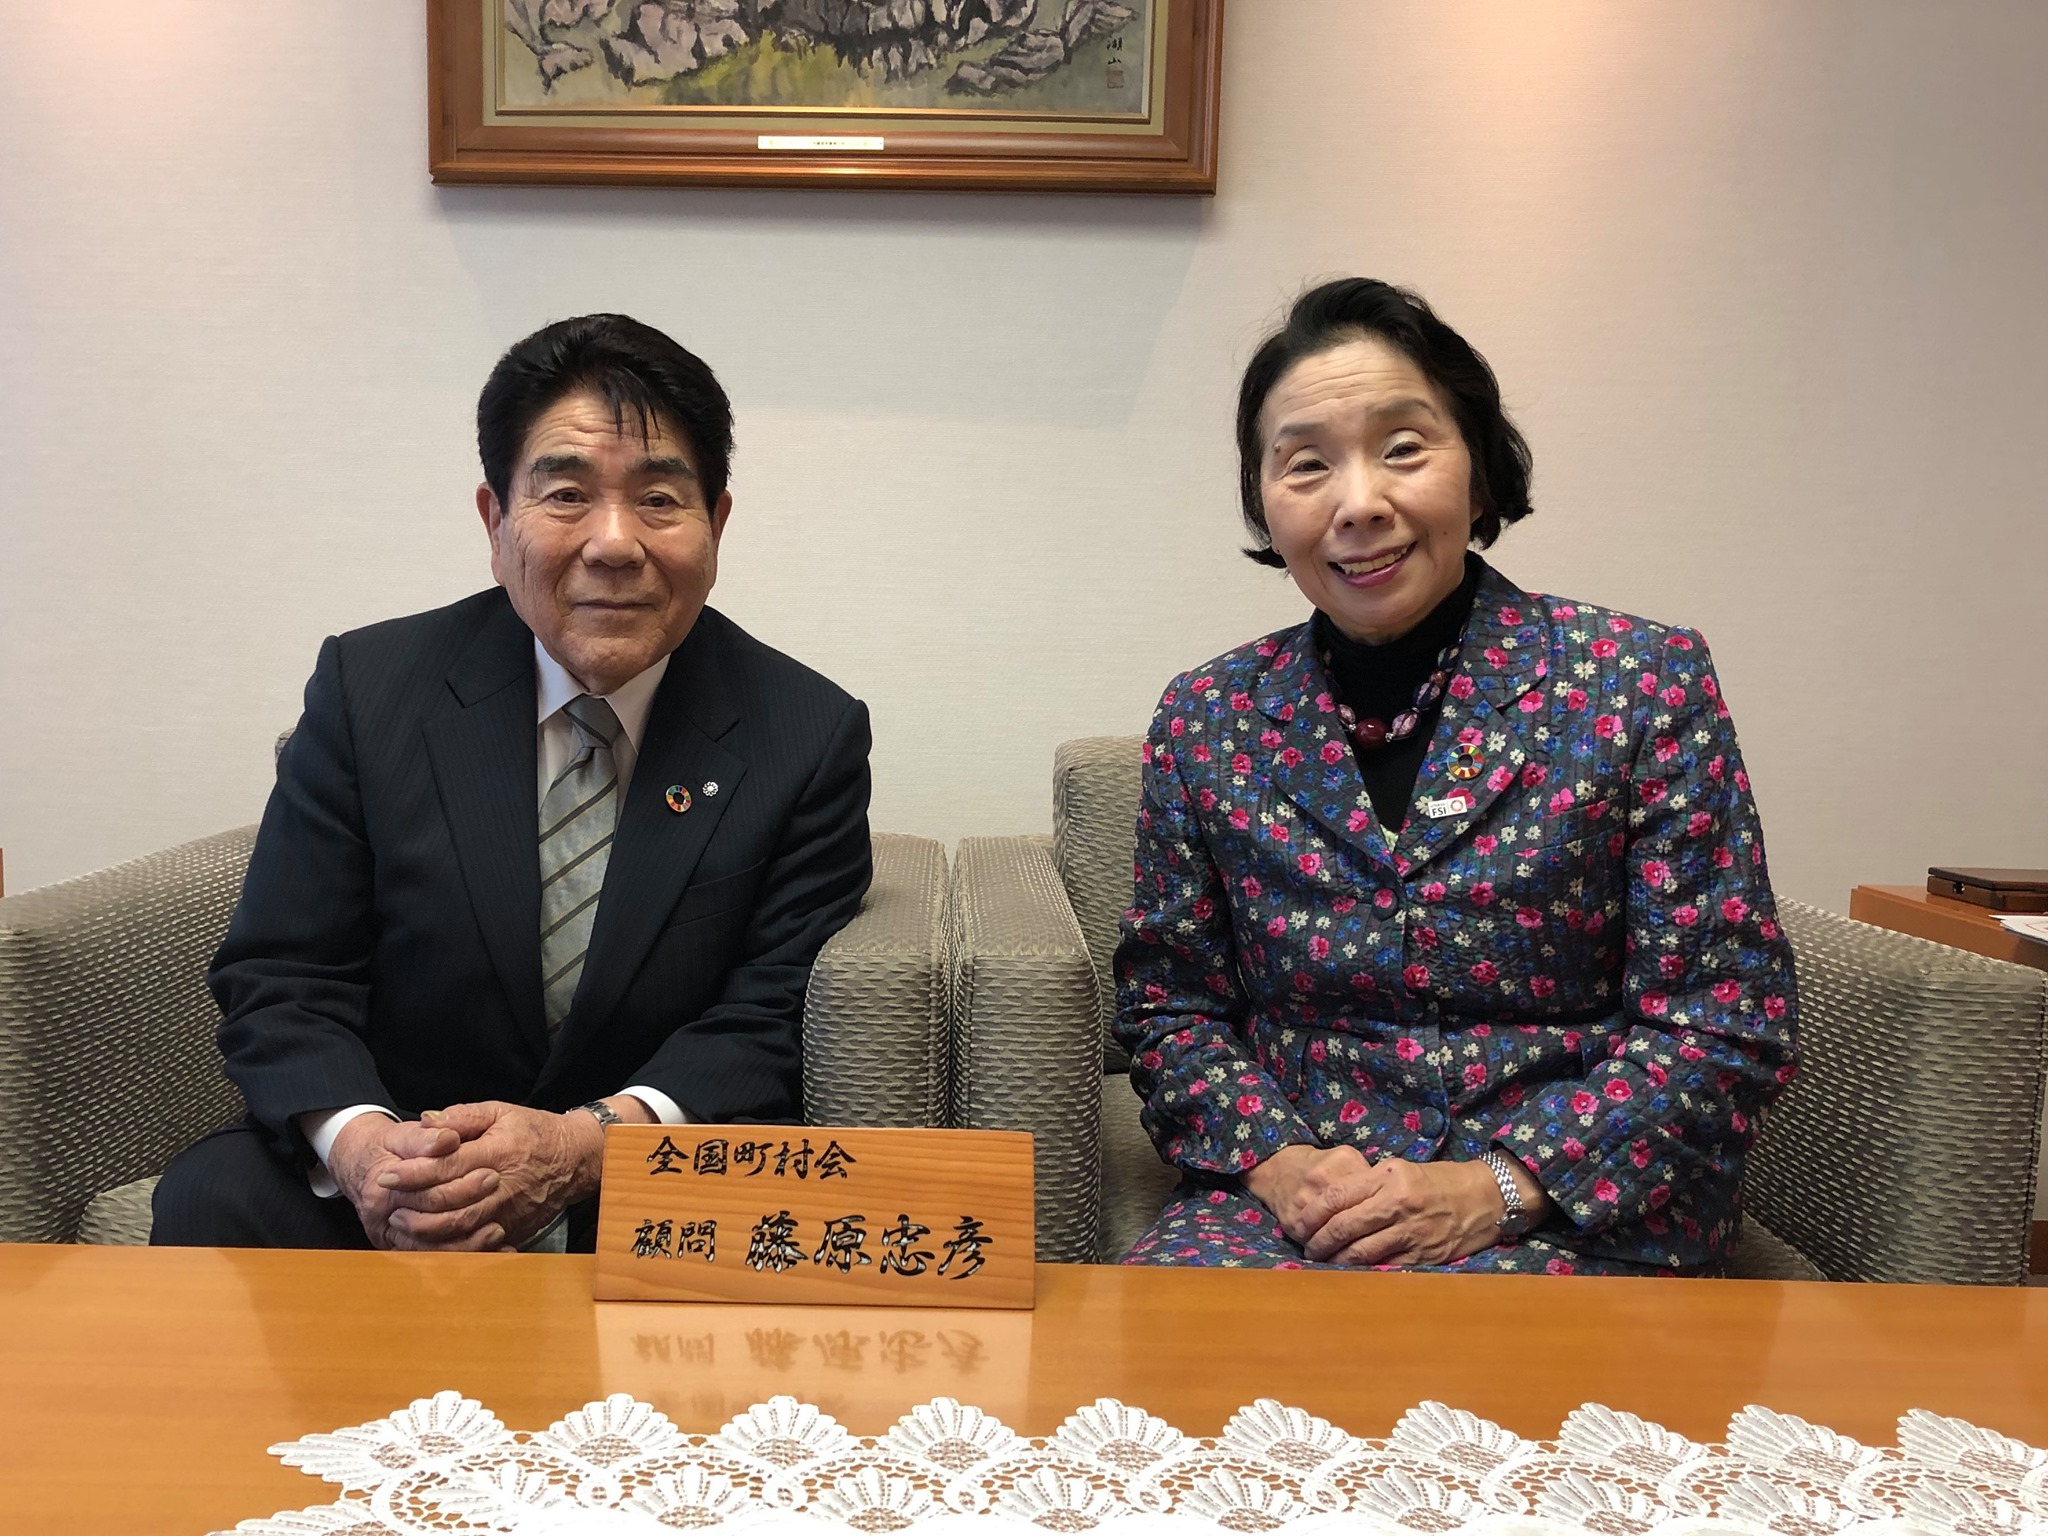 長野県川上村村長の藤原忠彦さんとお会いしました。